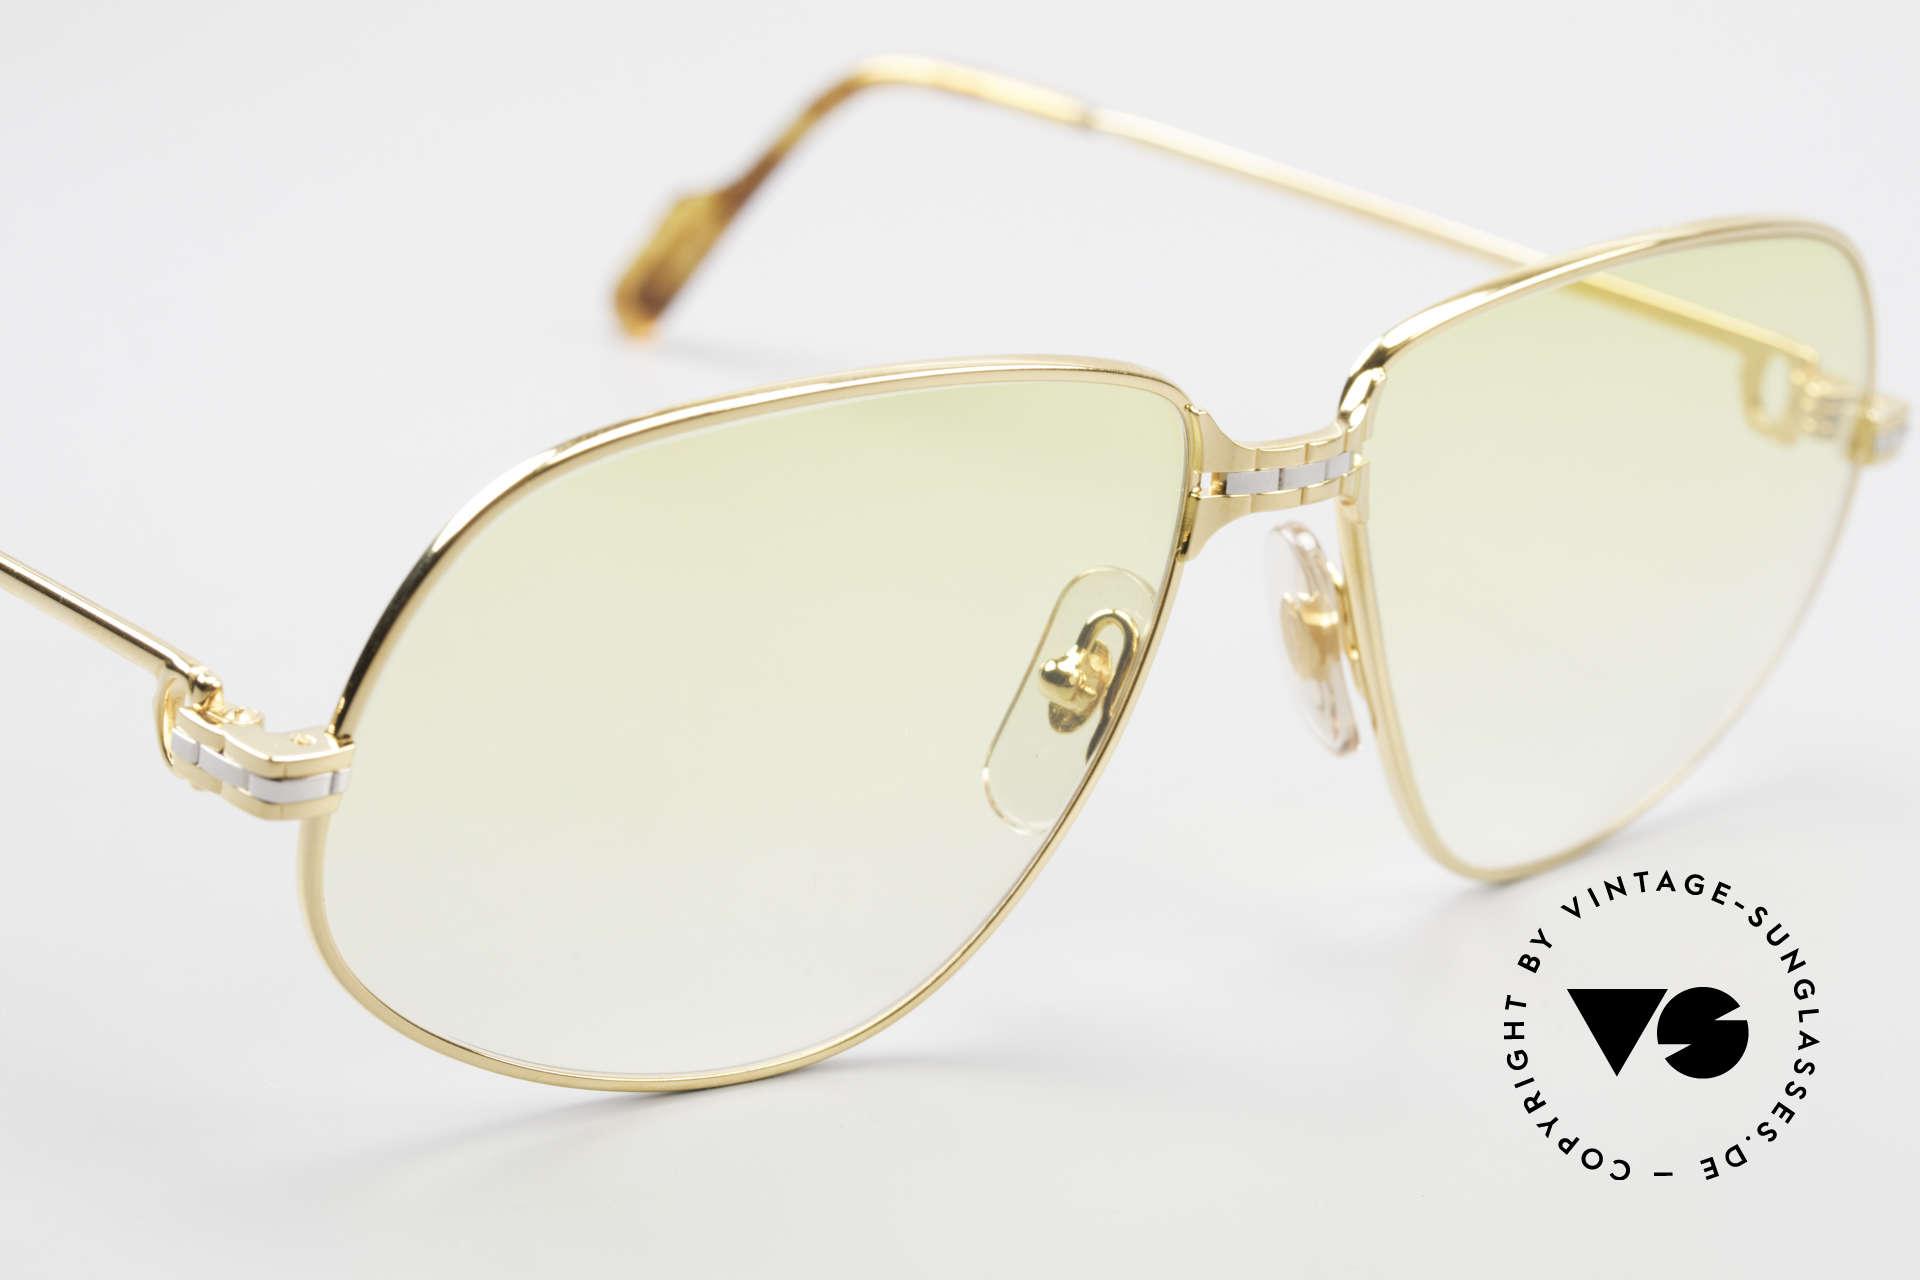 Cartier Panthere G.M. - XL Gelbe Gläser Mit Bvlgari Etui, ungetragen OHNE OVP; mit BVLGARI Etui, daher 599,-€, Passend für Herren und Damen